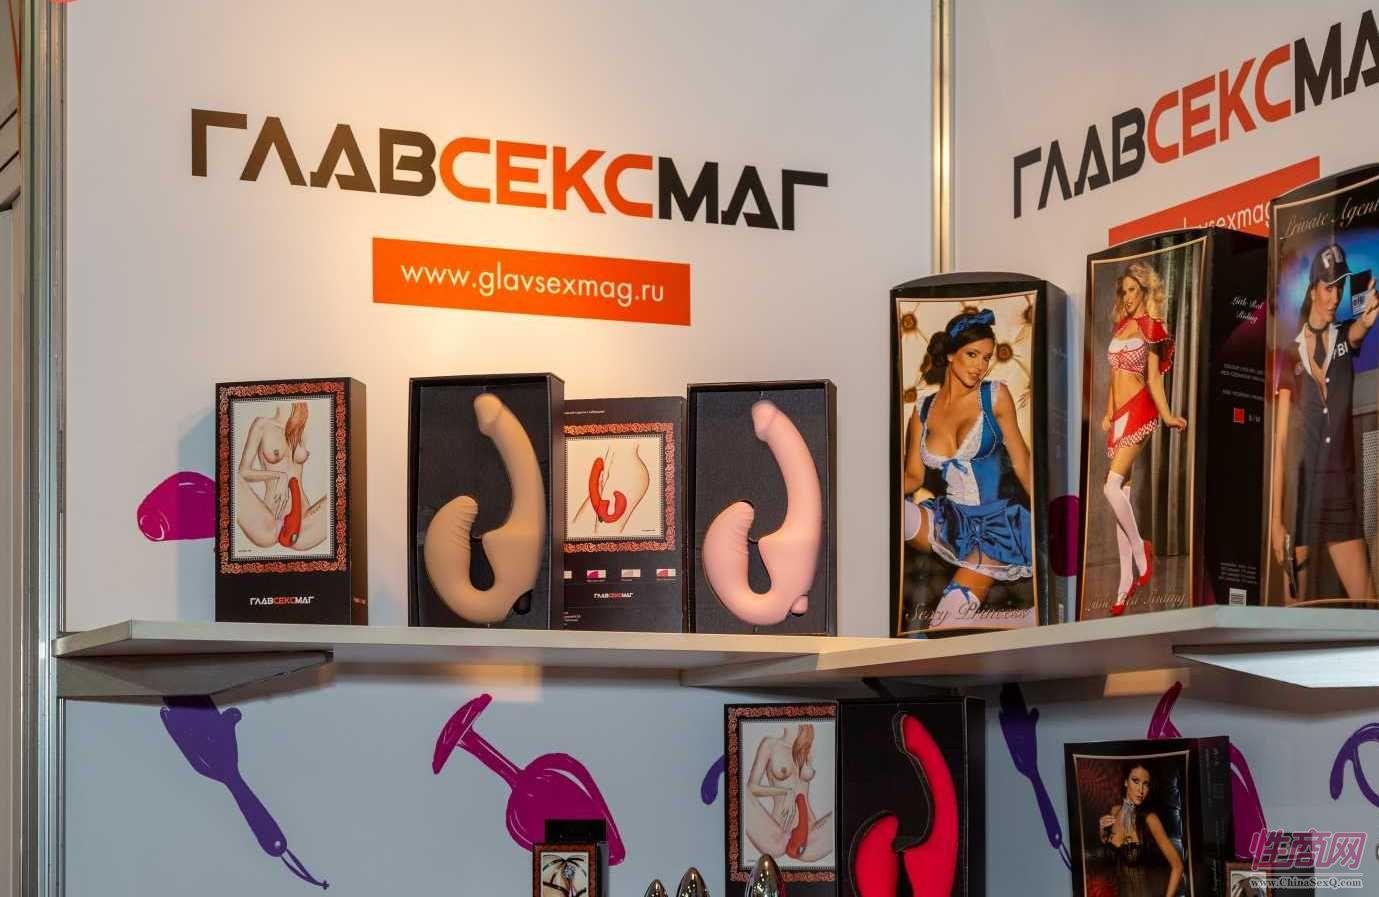 俄罗斯成人展-参展产品 (2)